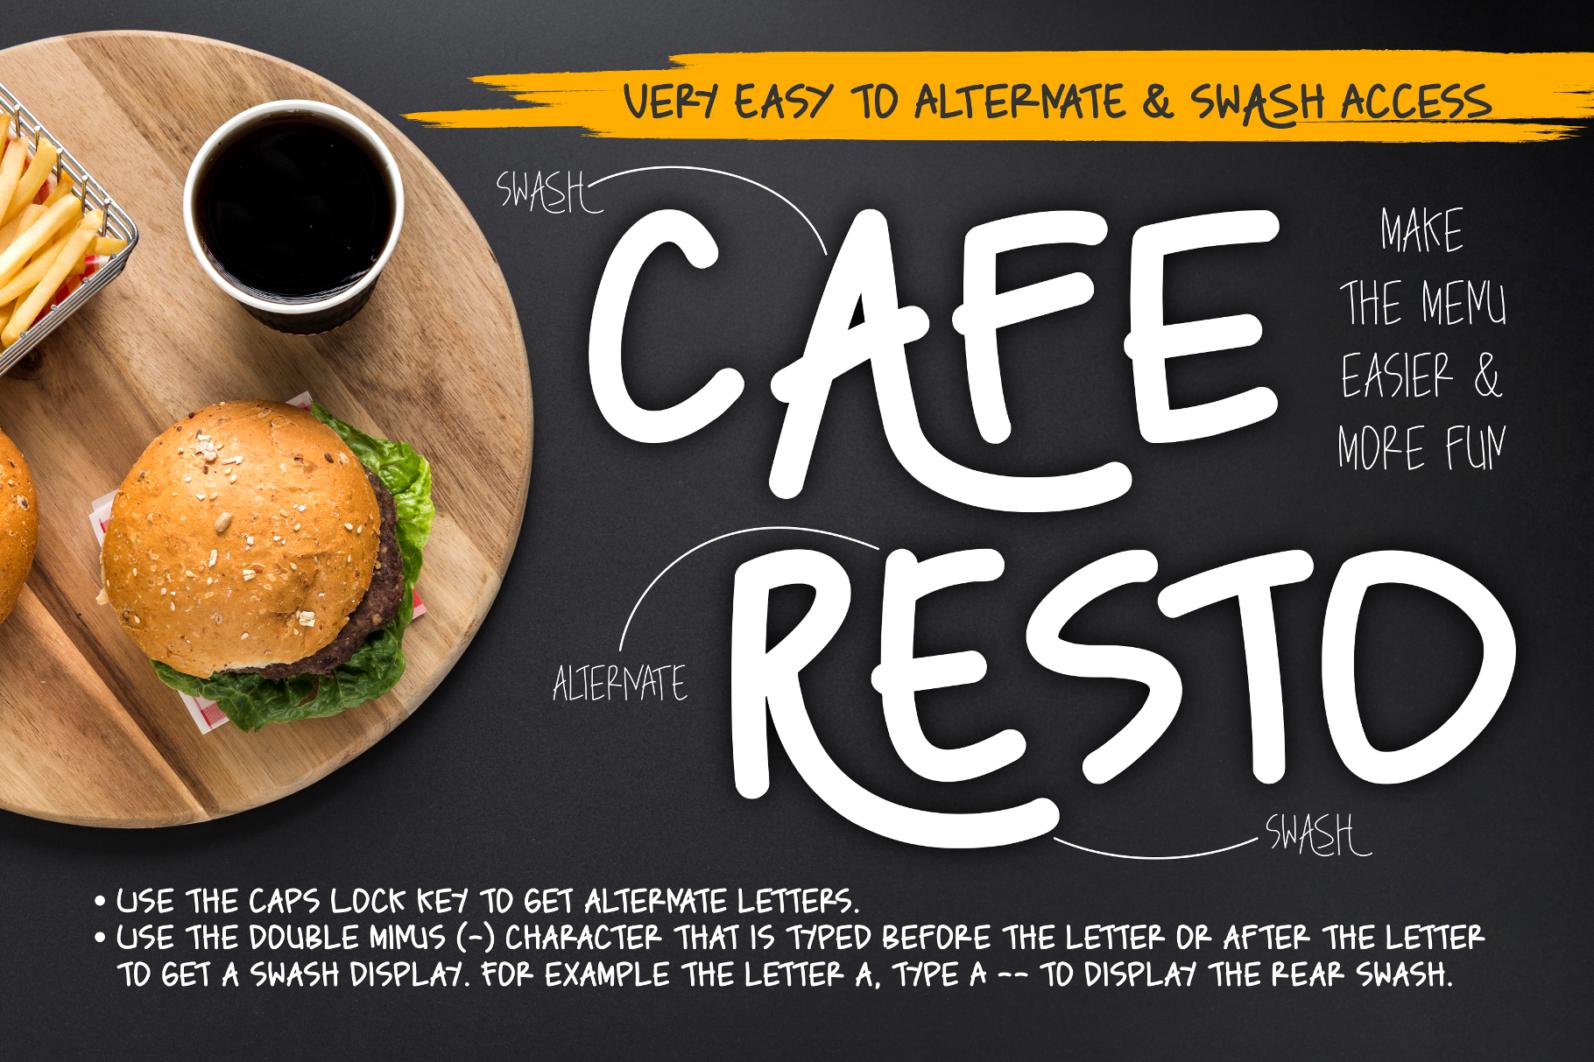 Caferesto - Preview Caferesto Cover 2 -